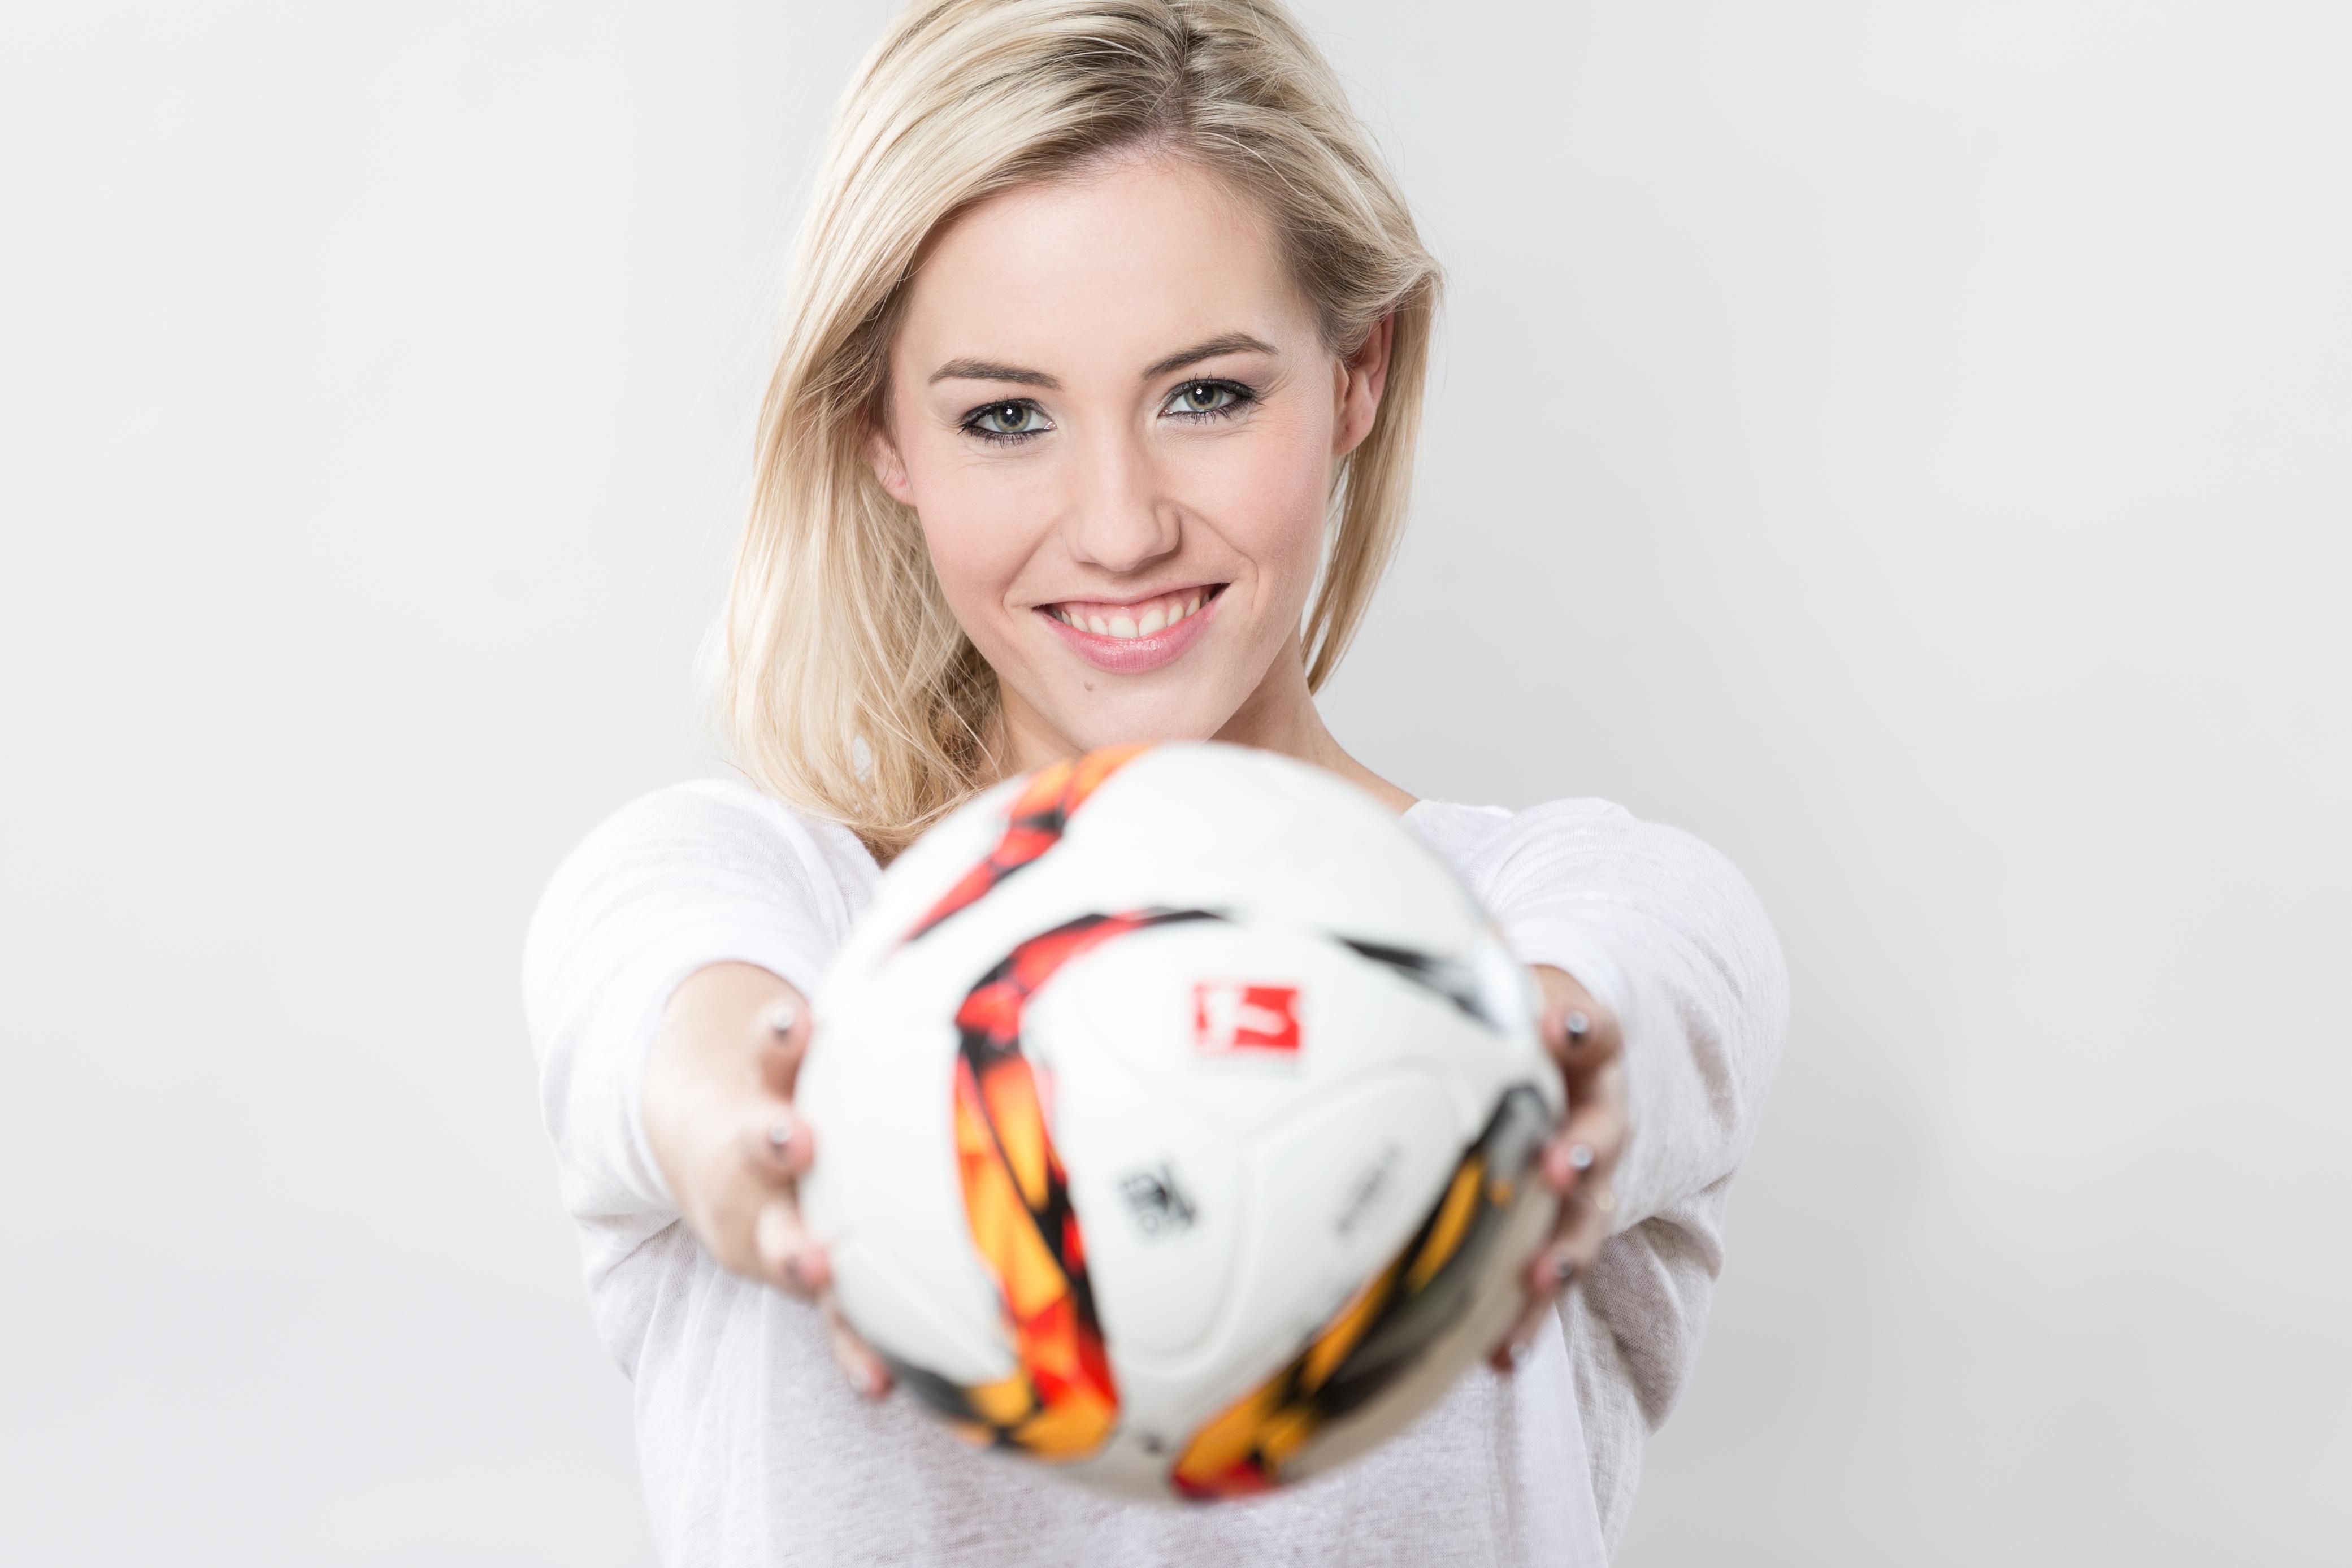 sport1 news moderatorin